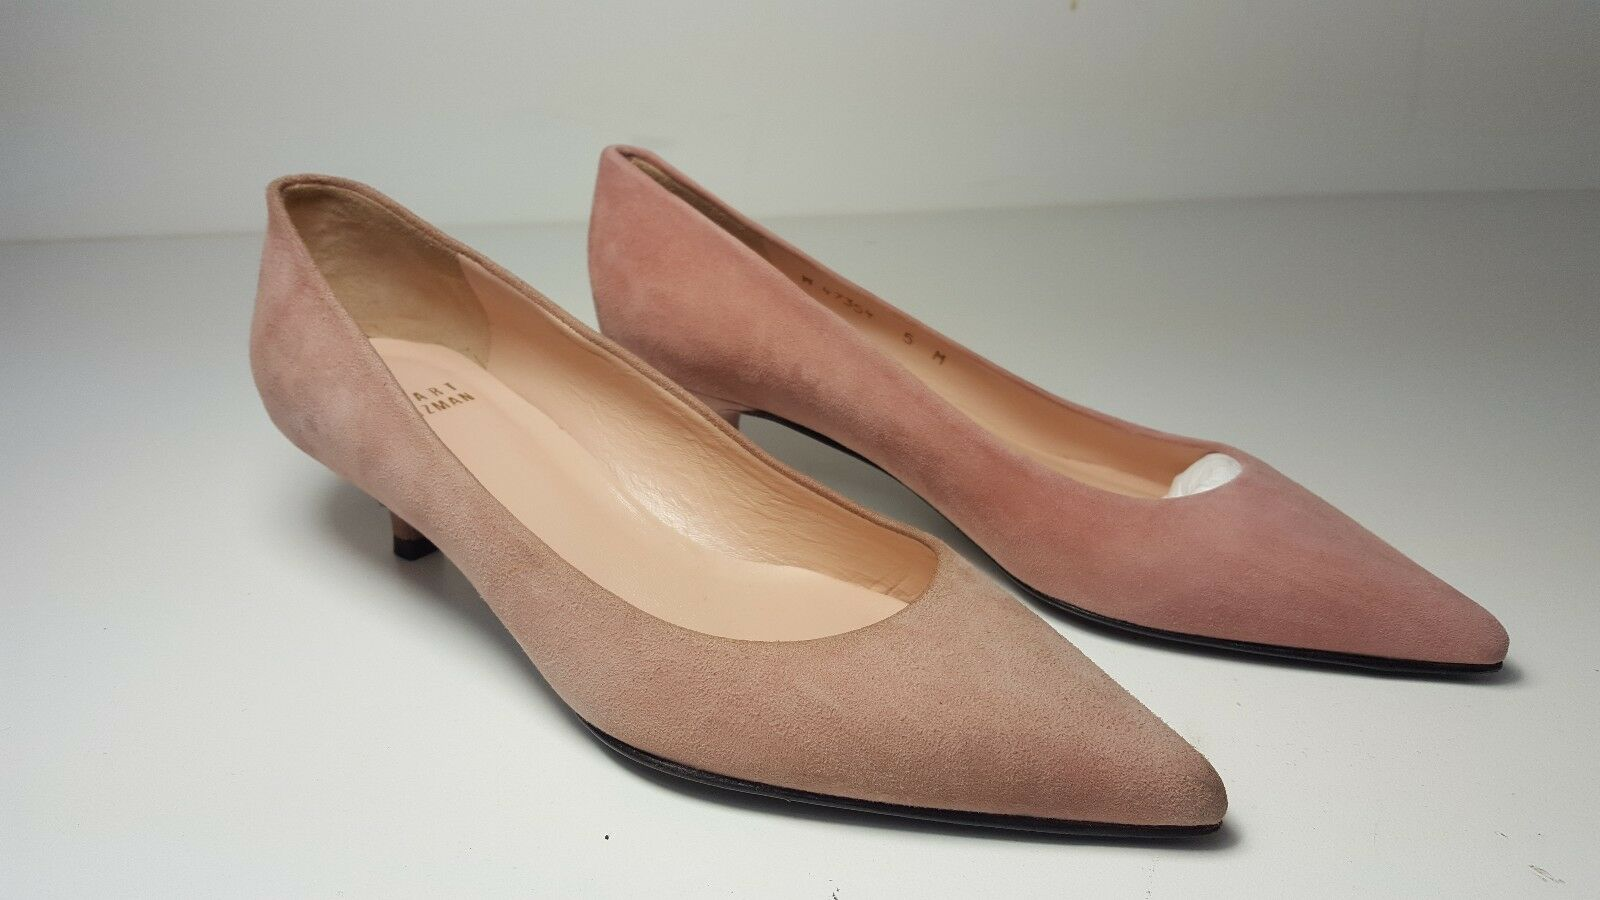 335 Größe 5 Stuart Weitzman Poco Old Rose Suede Low Heels Pumps Dress Schuhes